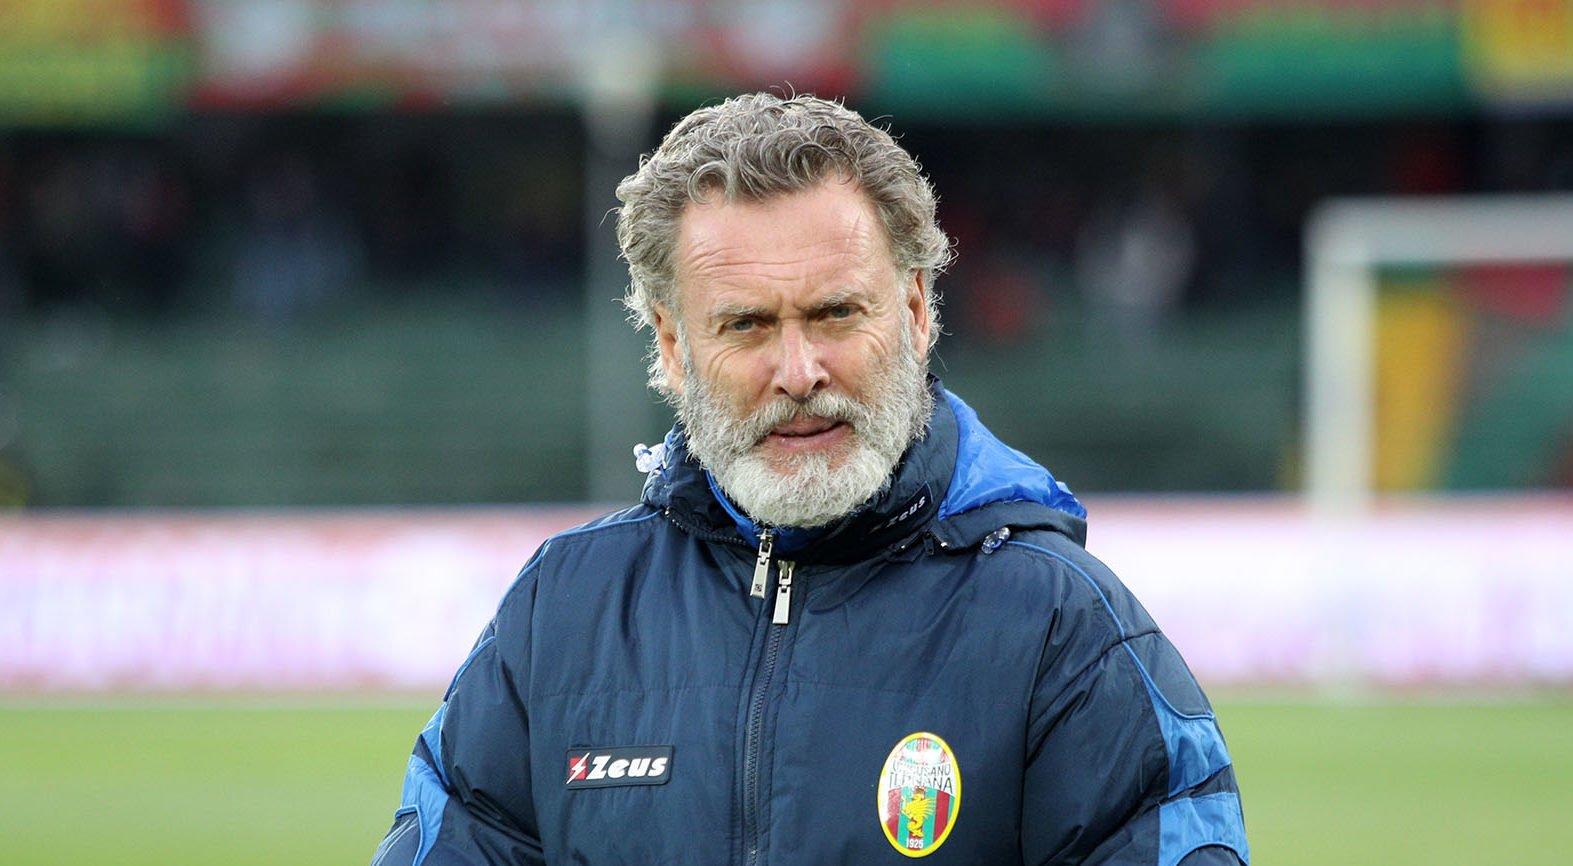 Empoli-Ternana, segui in diretta la conferenza di Sandro Pochesci